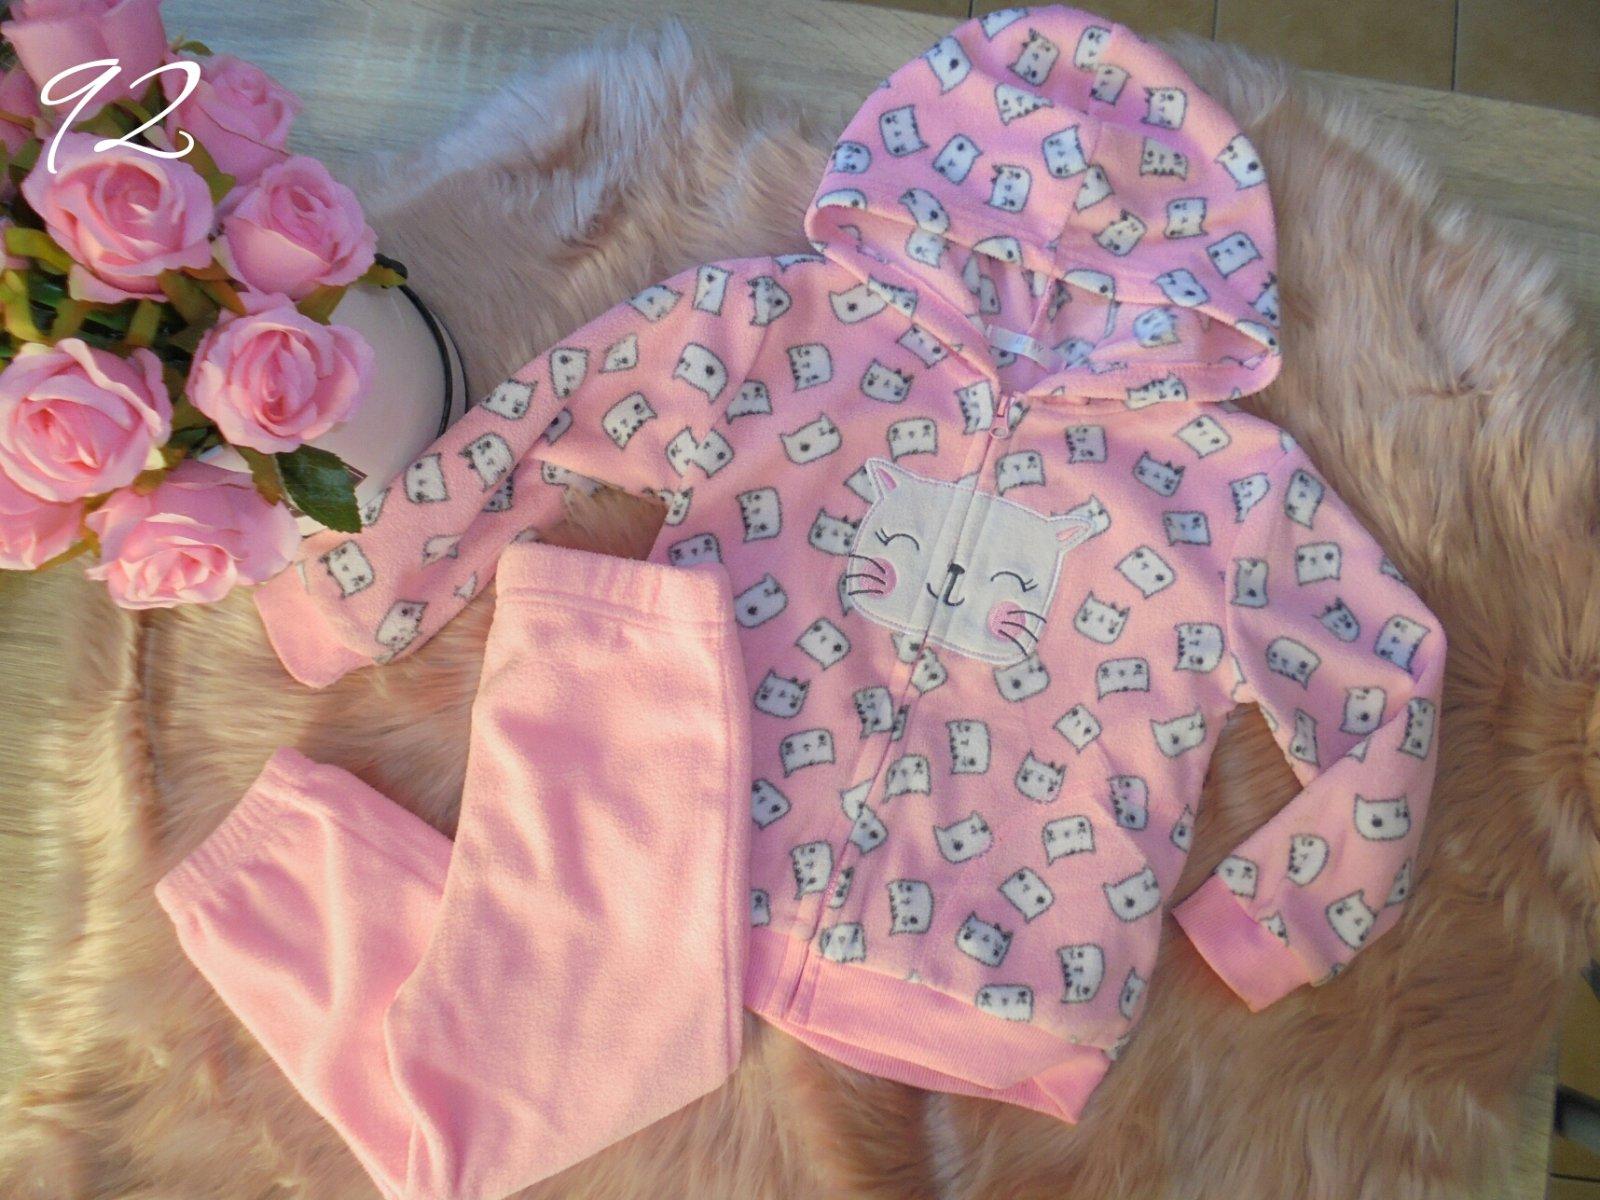 ff66670740 ... pri zaujme pošlem link 😊Ahojte  ) predávam rôzne vecičky pre detičky a  Maminky  ) Ak by bol záujem mám toho oveľa viac ale na FB